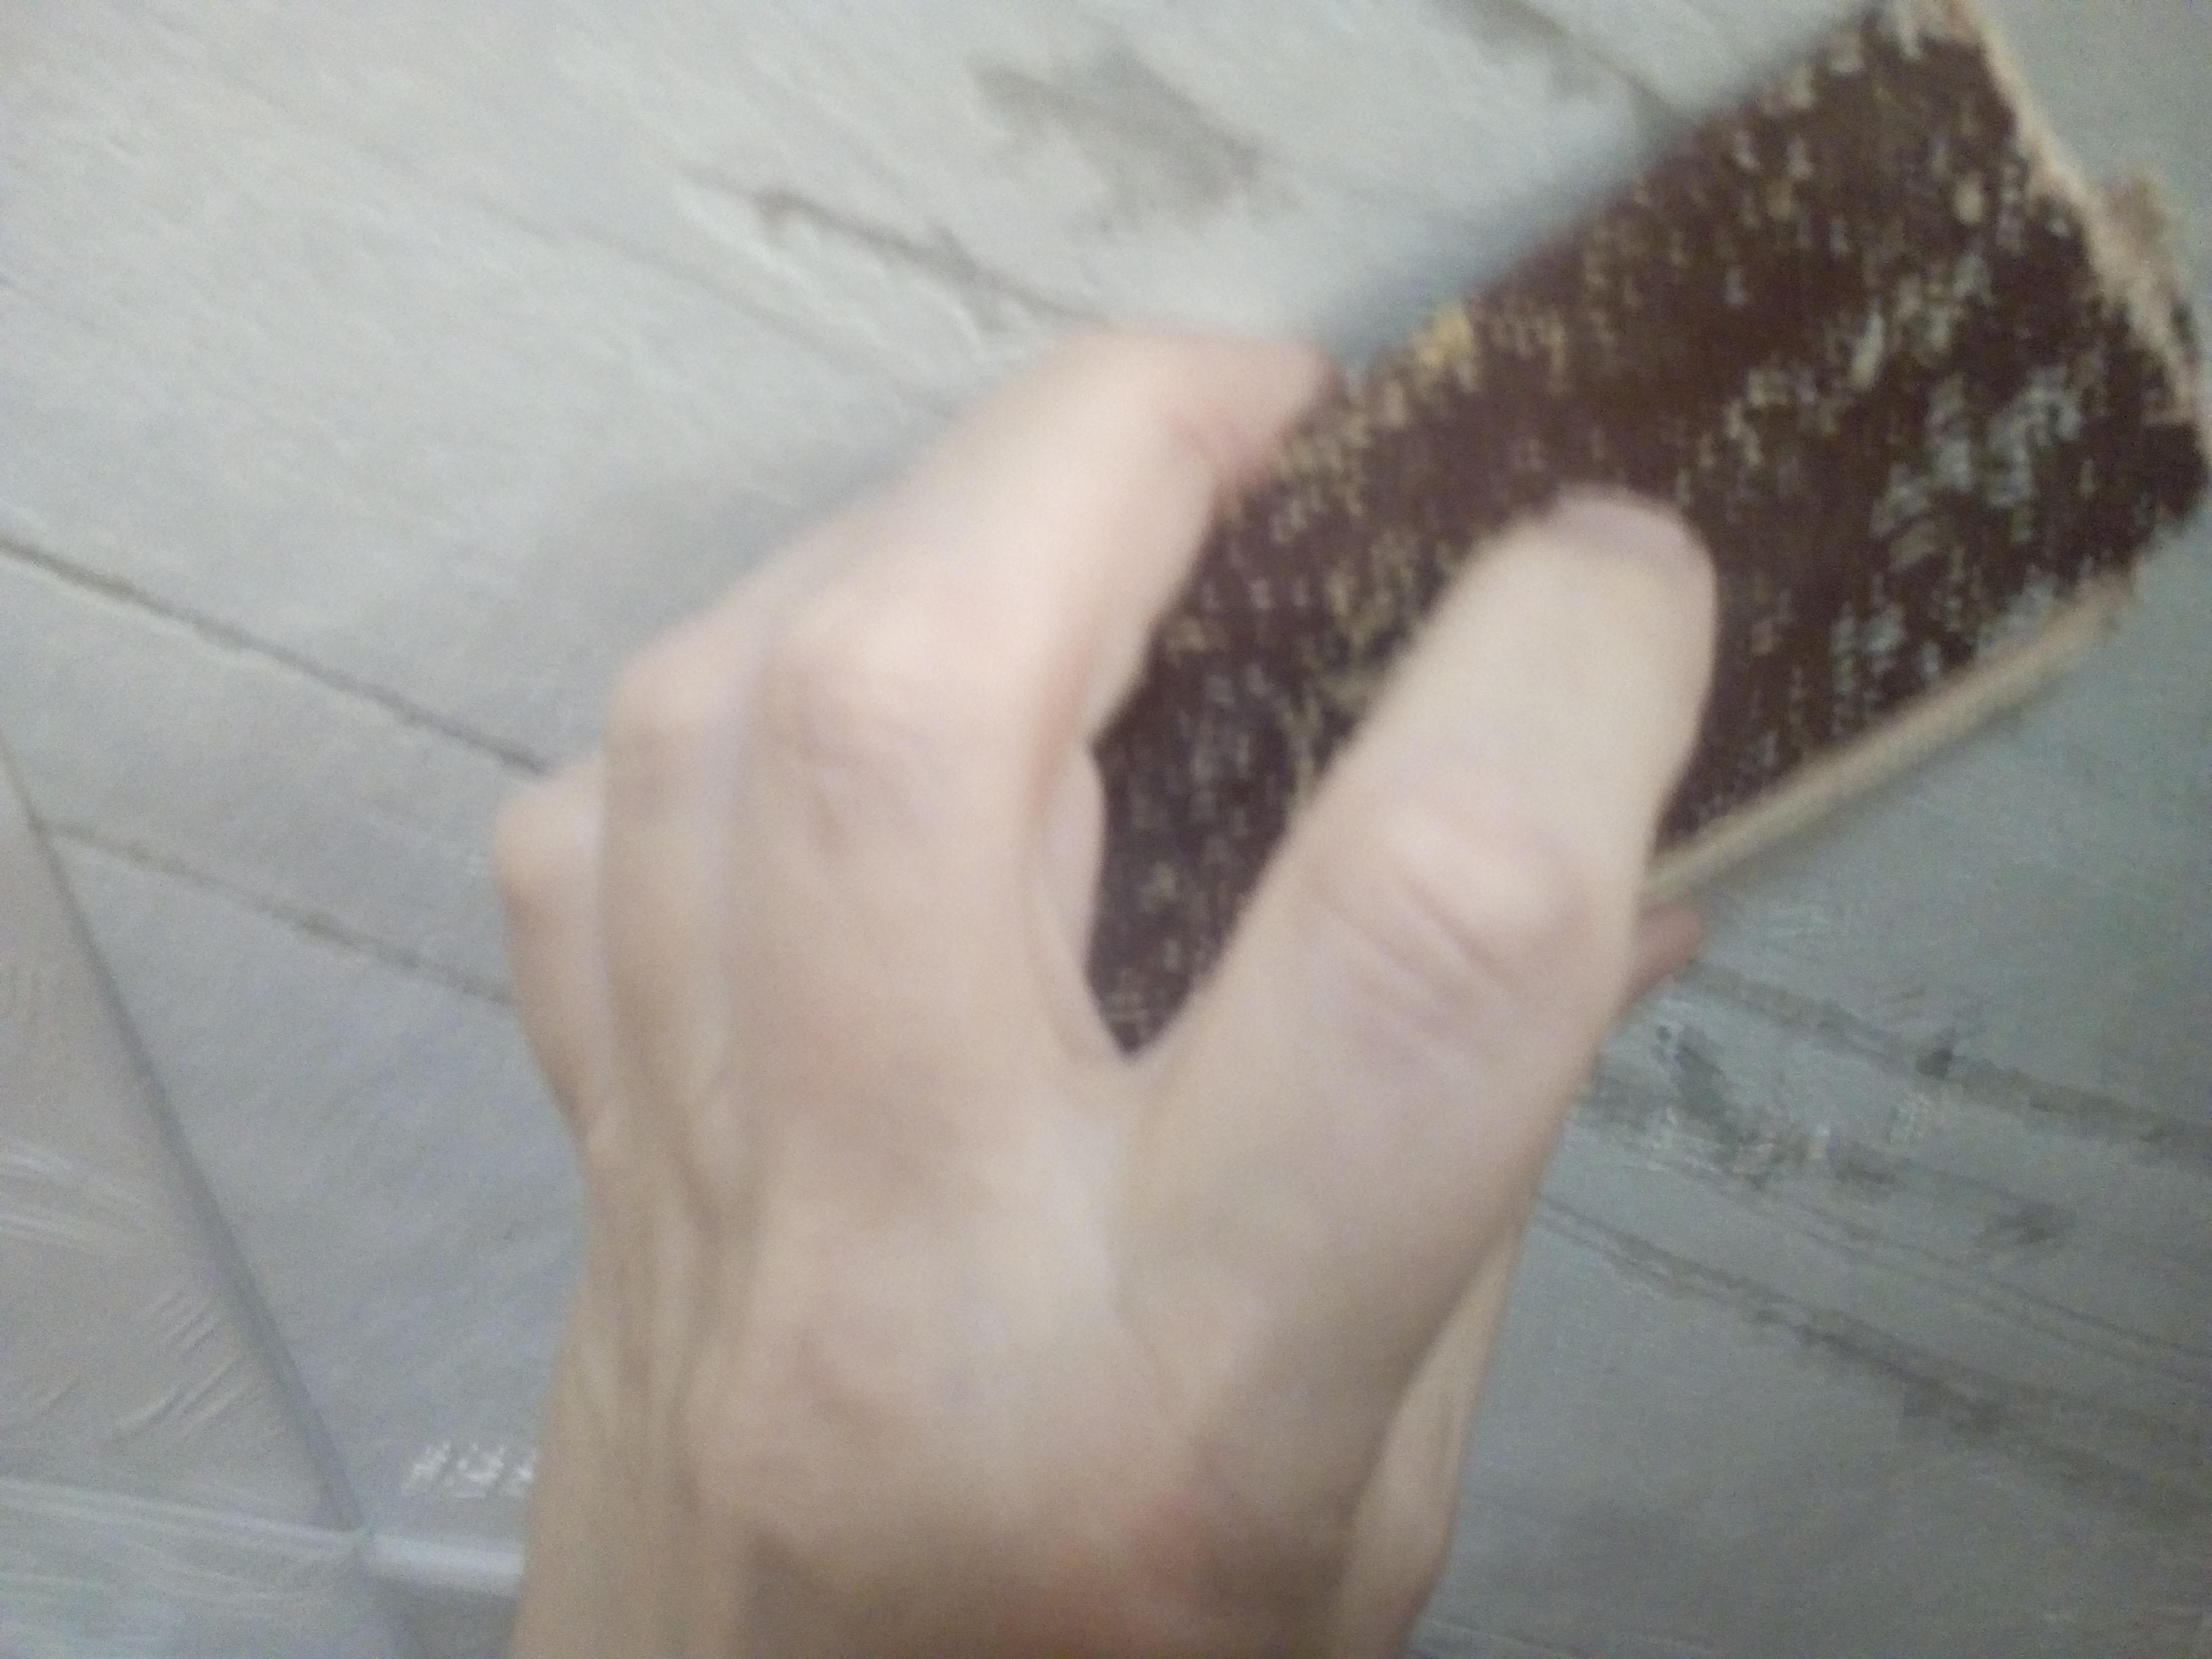 Как зашпаклевать потолок своими руками под покраску,снятие побелки с потолка наждачной бумагой